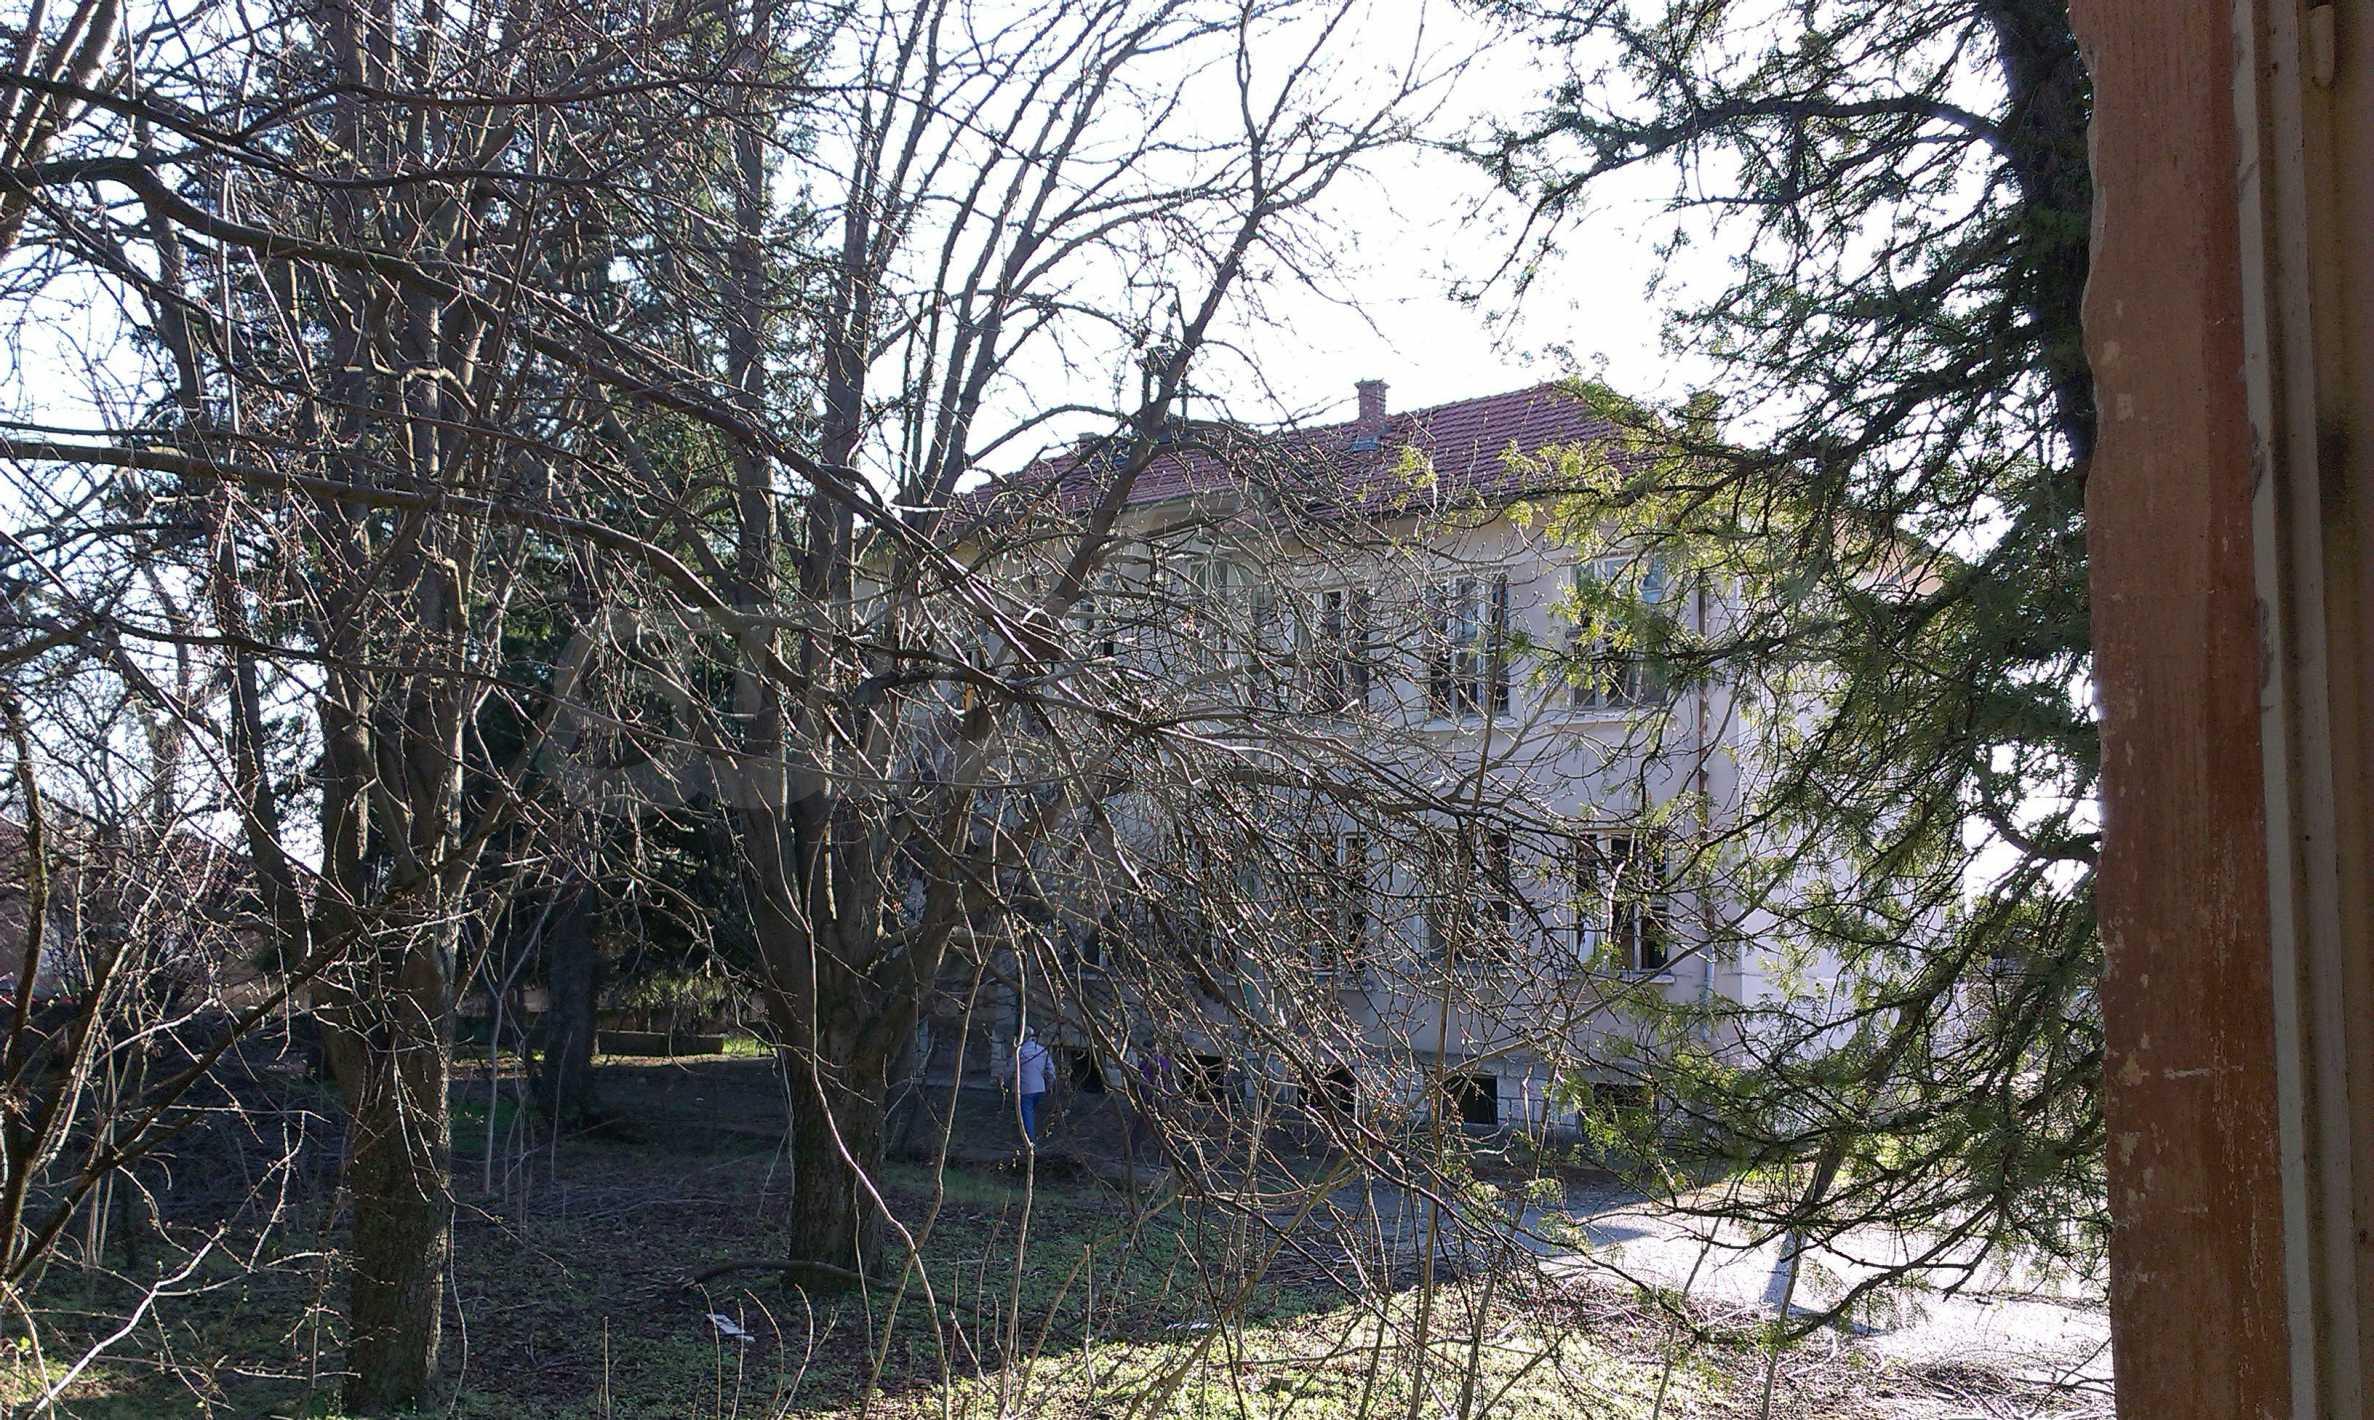 Zwei massive Gebäude auf einem großen Grundstück 35 km von der Stadt Russe und der Donau entfernt 40